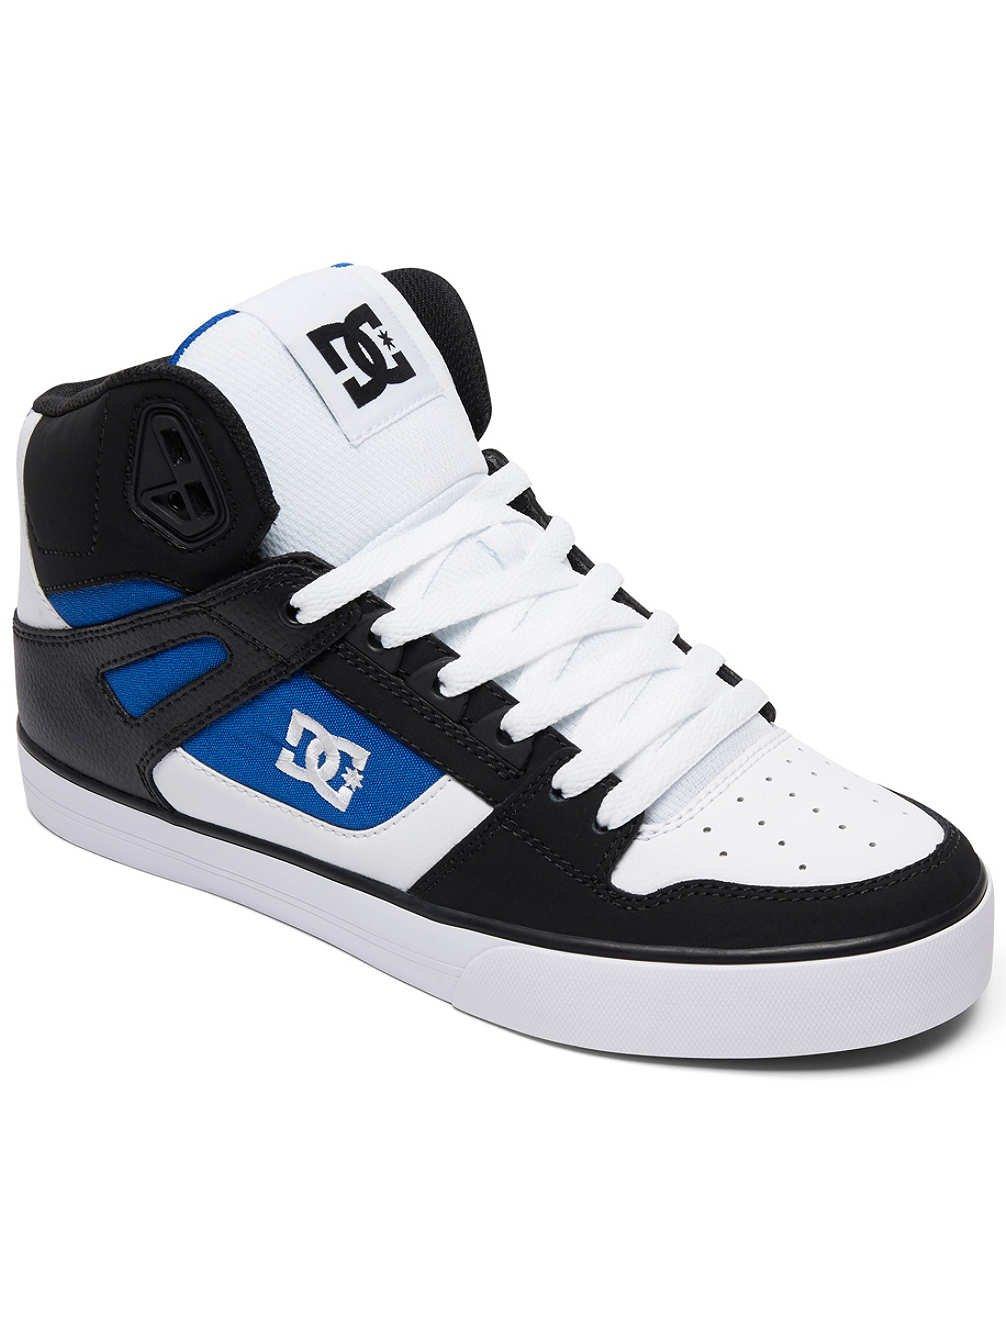 Zapatos DC Pure WC Negro-Blanco 48.5 EU|White/Blue/Black Venta de calzado deportivo de moda en línea